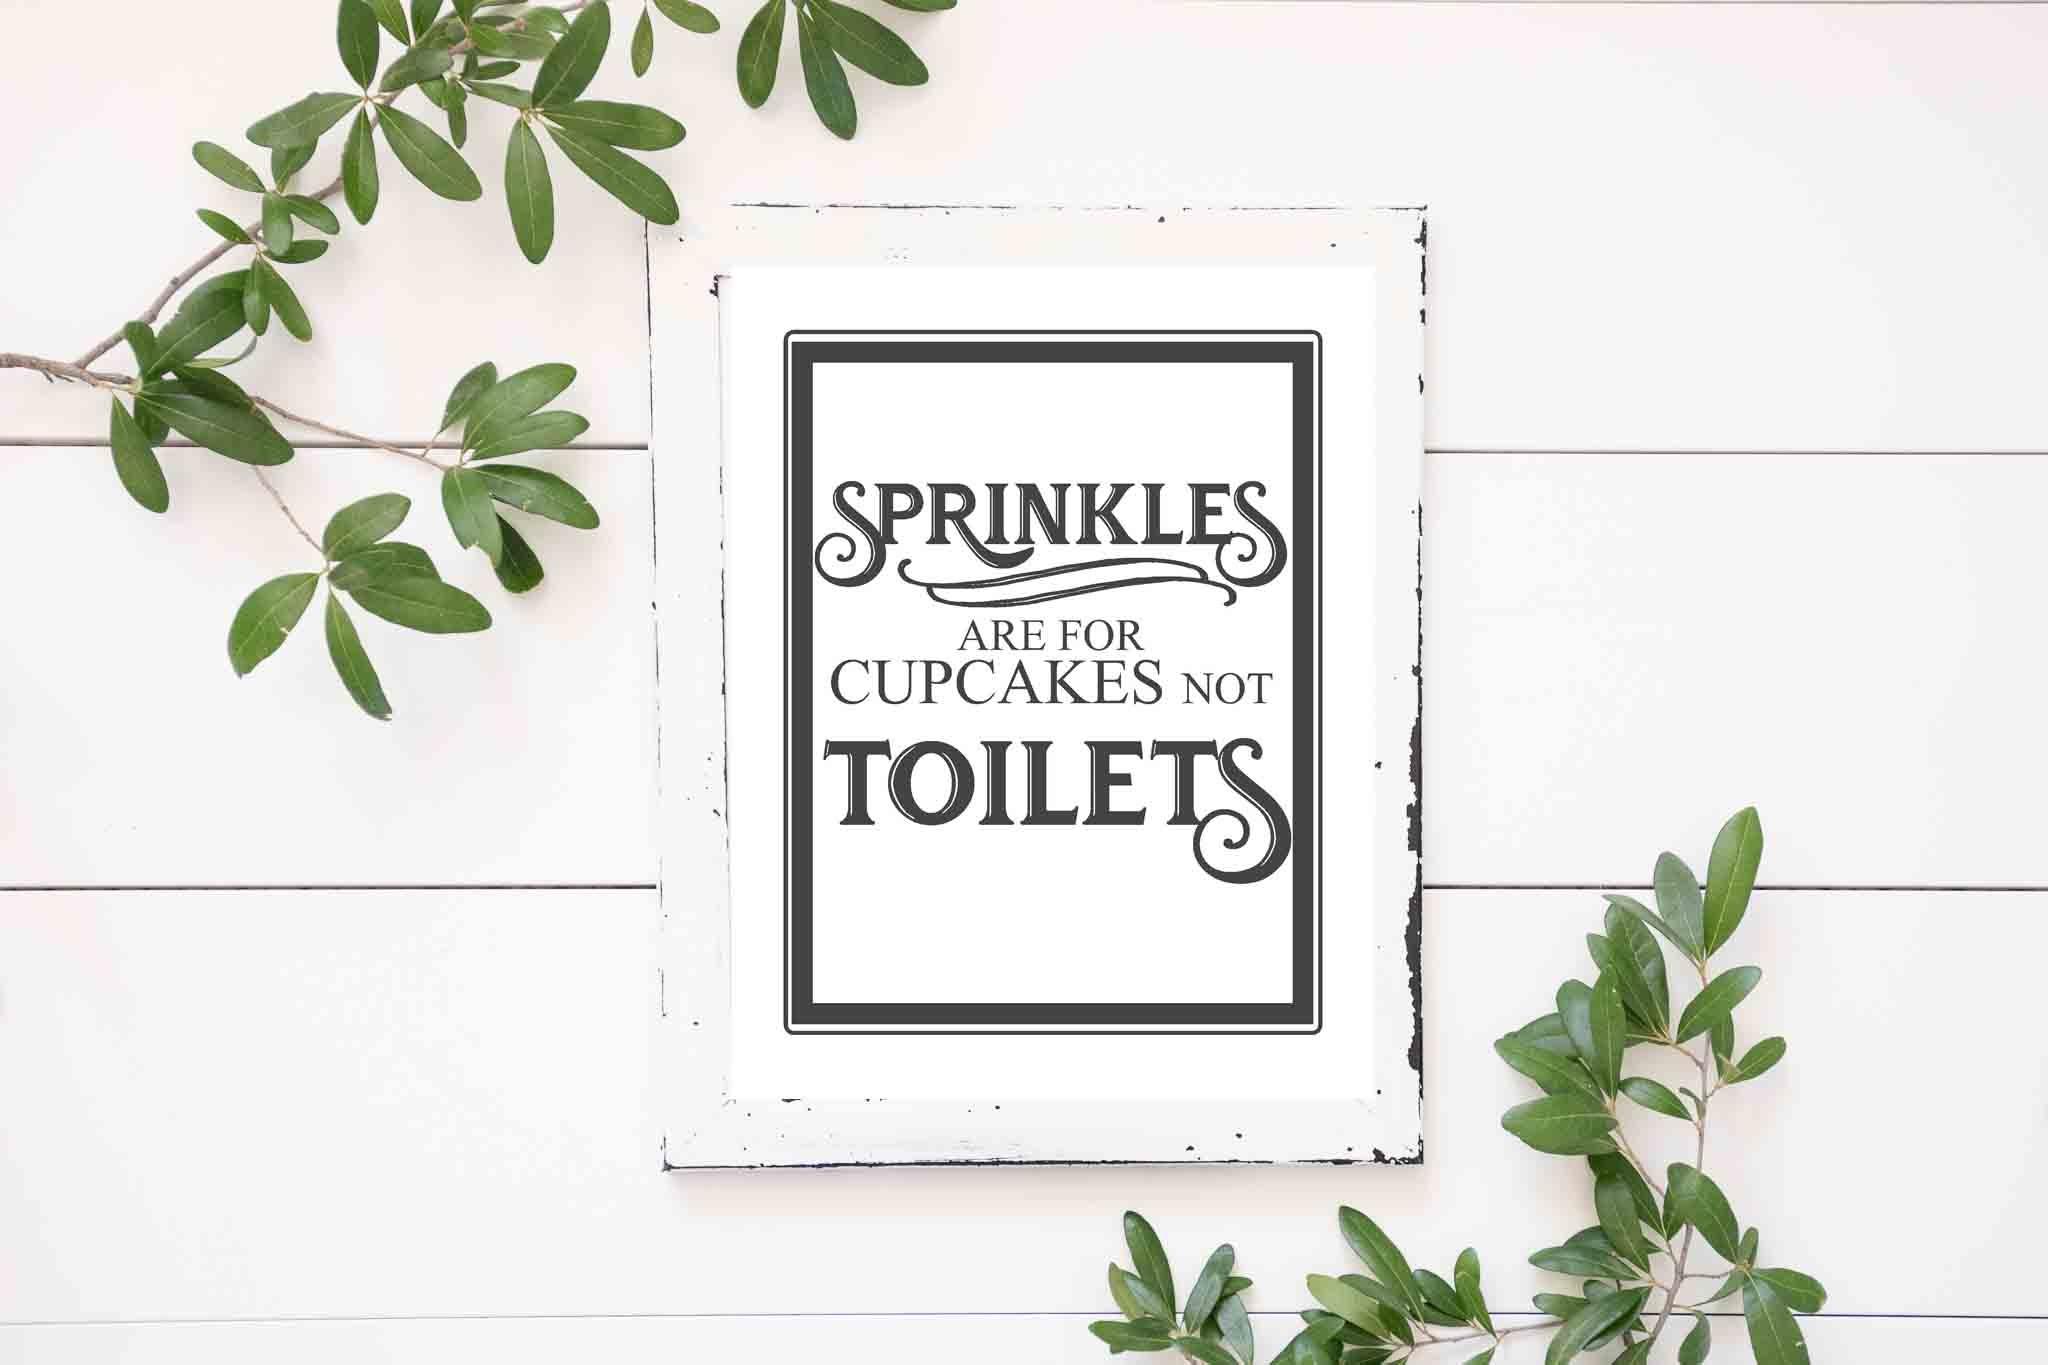 Free Vintage Bathroom Printables - The Mountain View Cottage - Free Funny Bathroom Printables